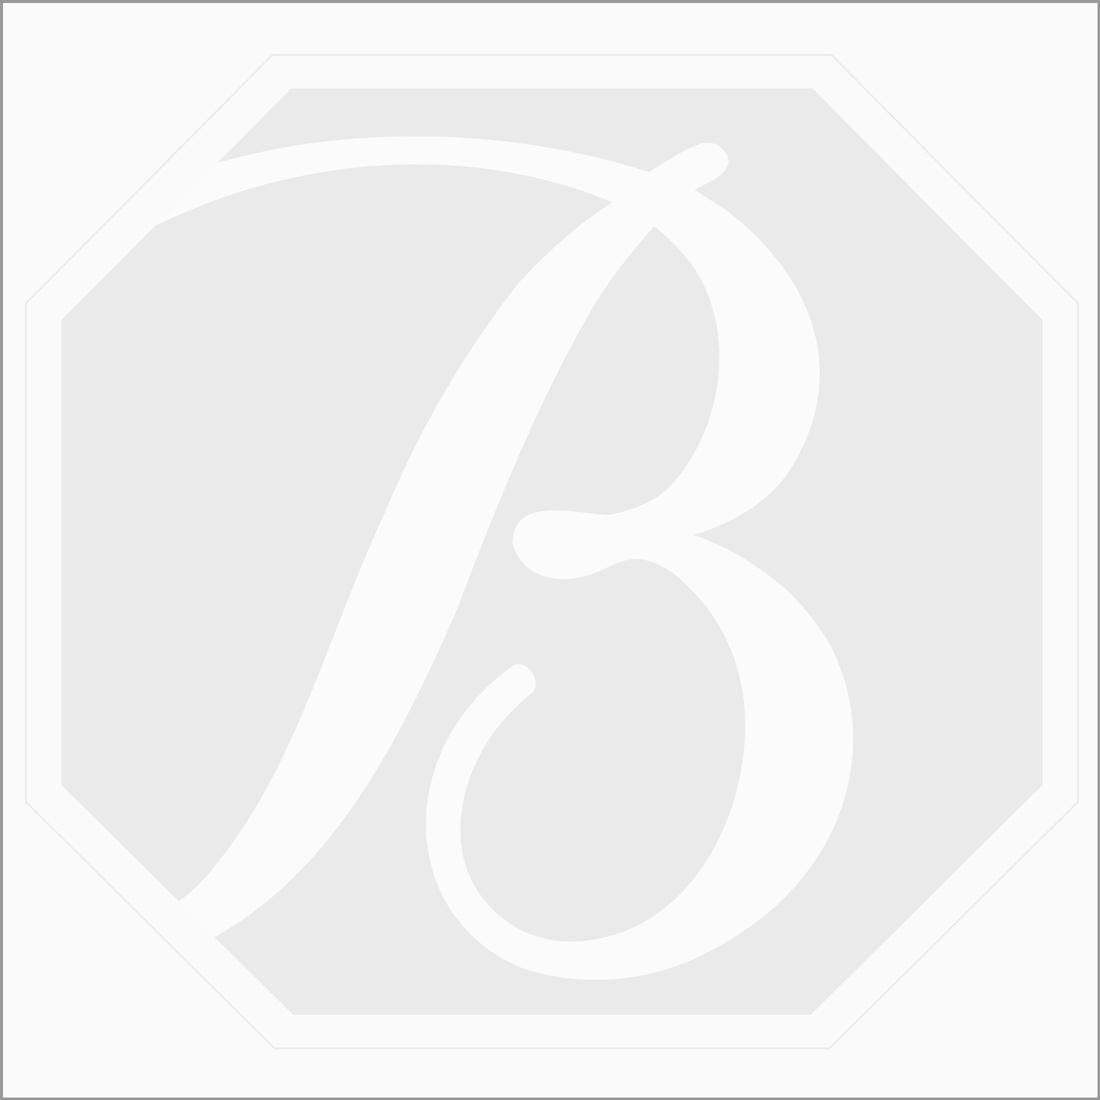 2 Pcs - Dark Green Tourmaline Rose Cut - 10.03 ct. - 14.1 x 12.4 x 3.5 mm & 14.5 x 11.8 x 3 mm (TRC1051)